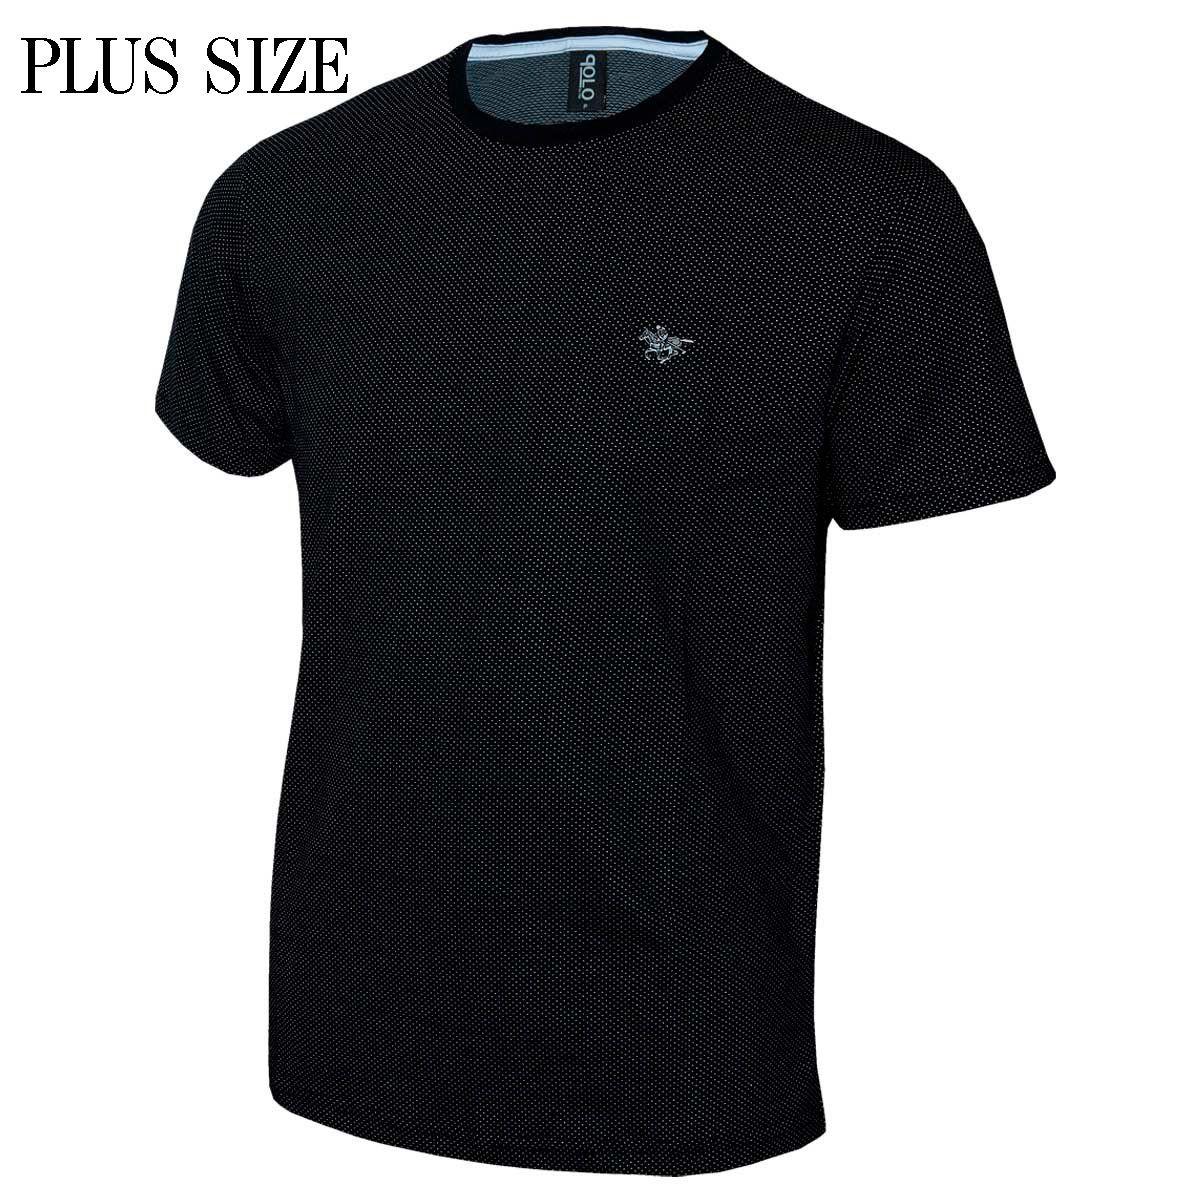 Camiseta Plus Size Com Logo em Metal